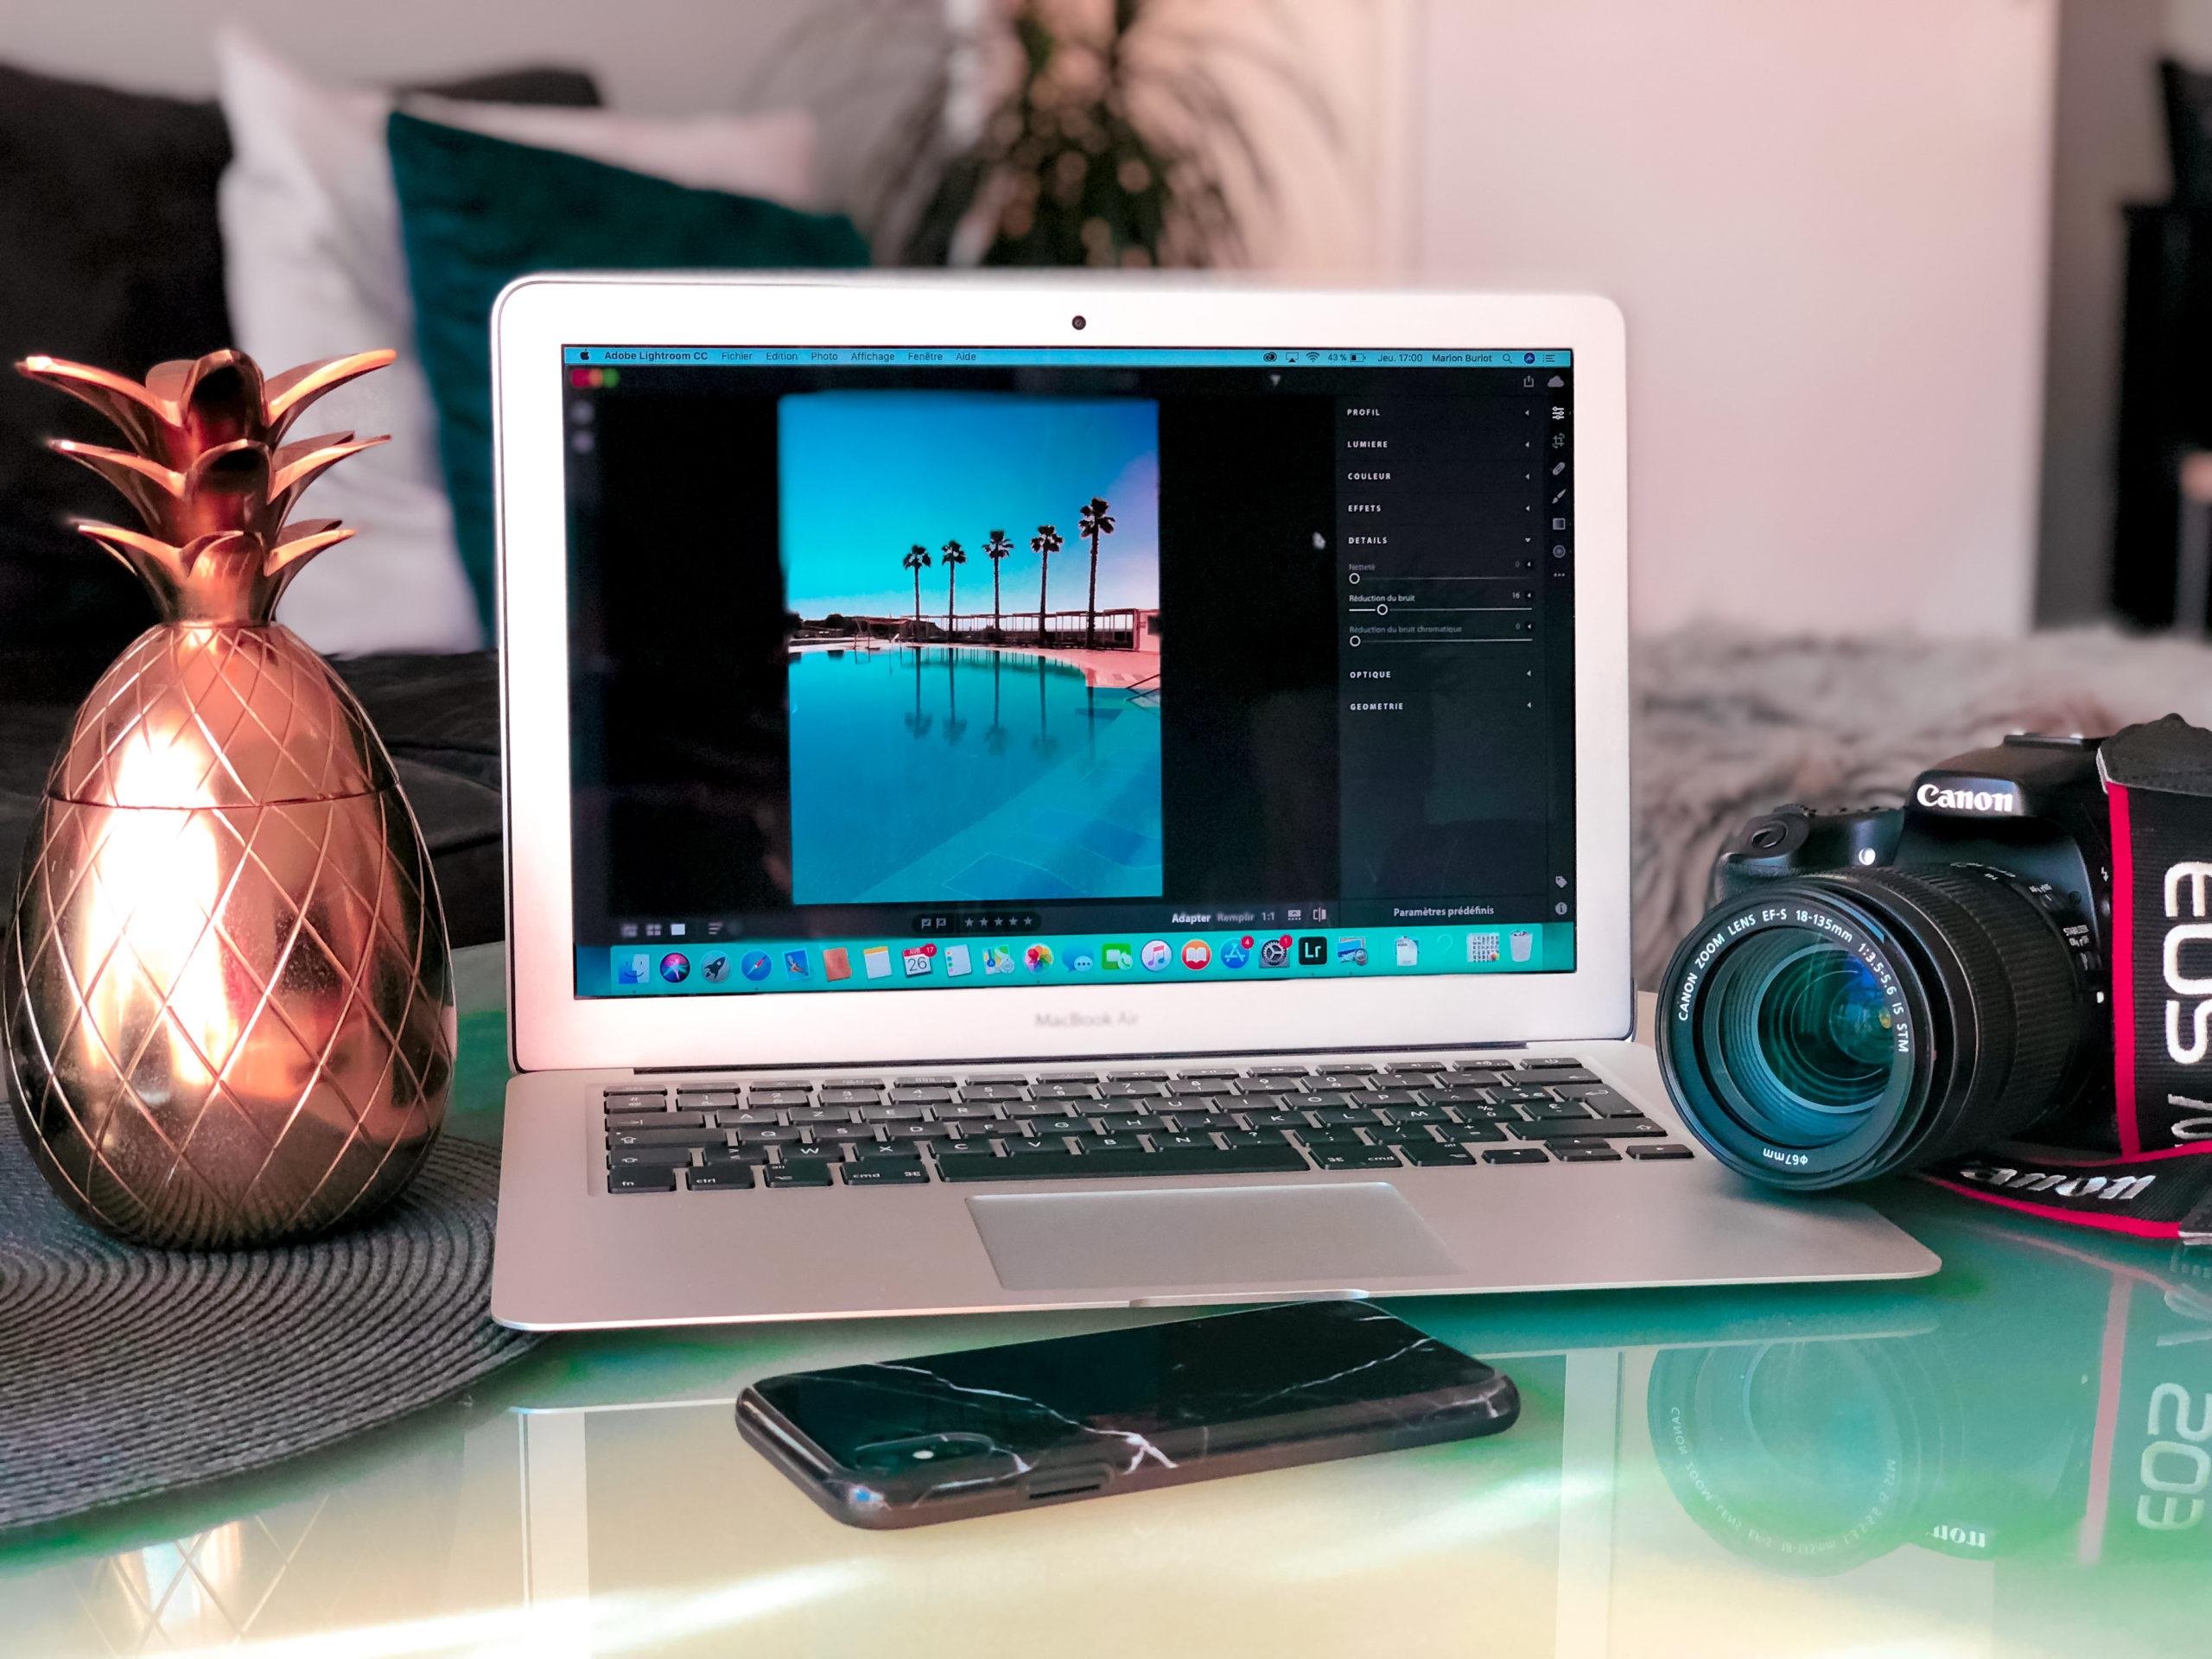 Le but de ce post n'est pas de t'apprendre la photographie mais de te donner quelquesastuces simples pour sublimer tes photos